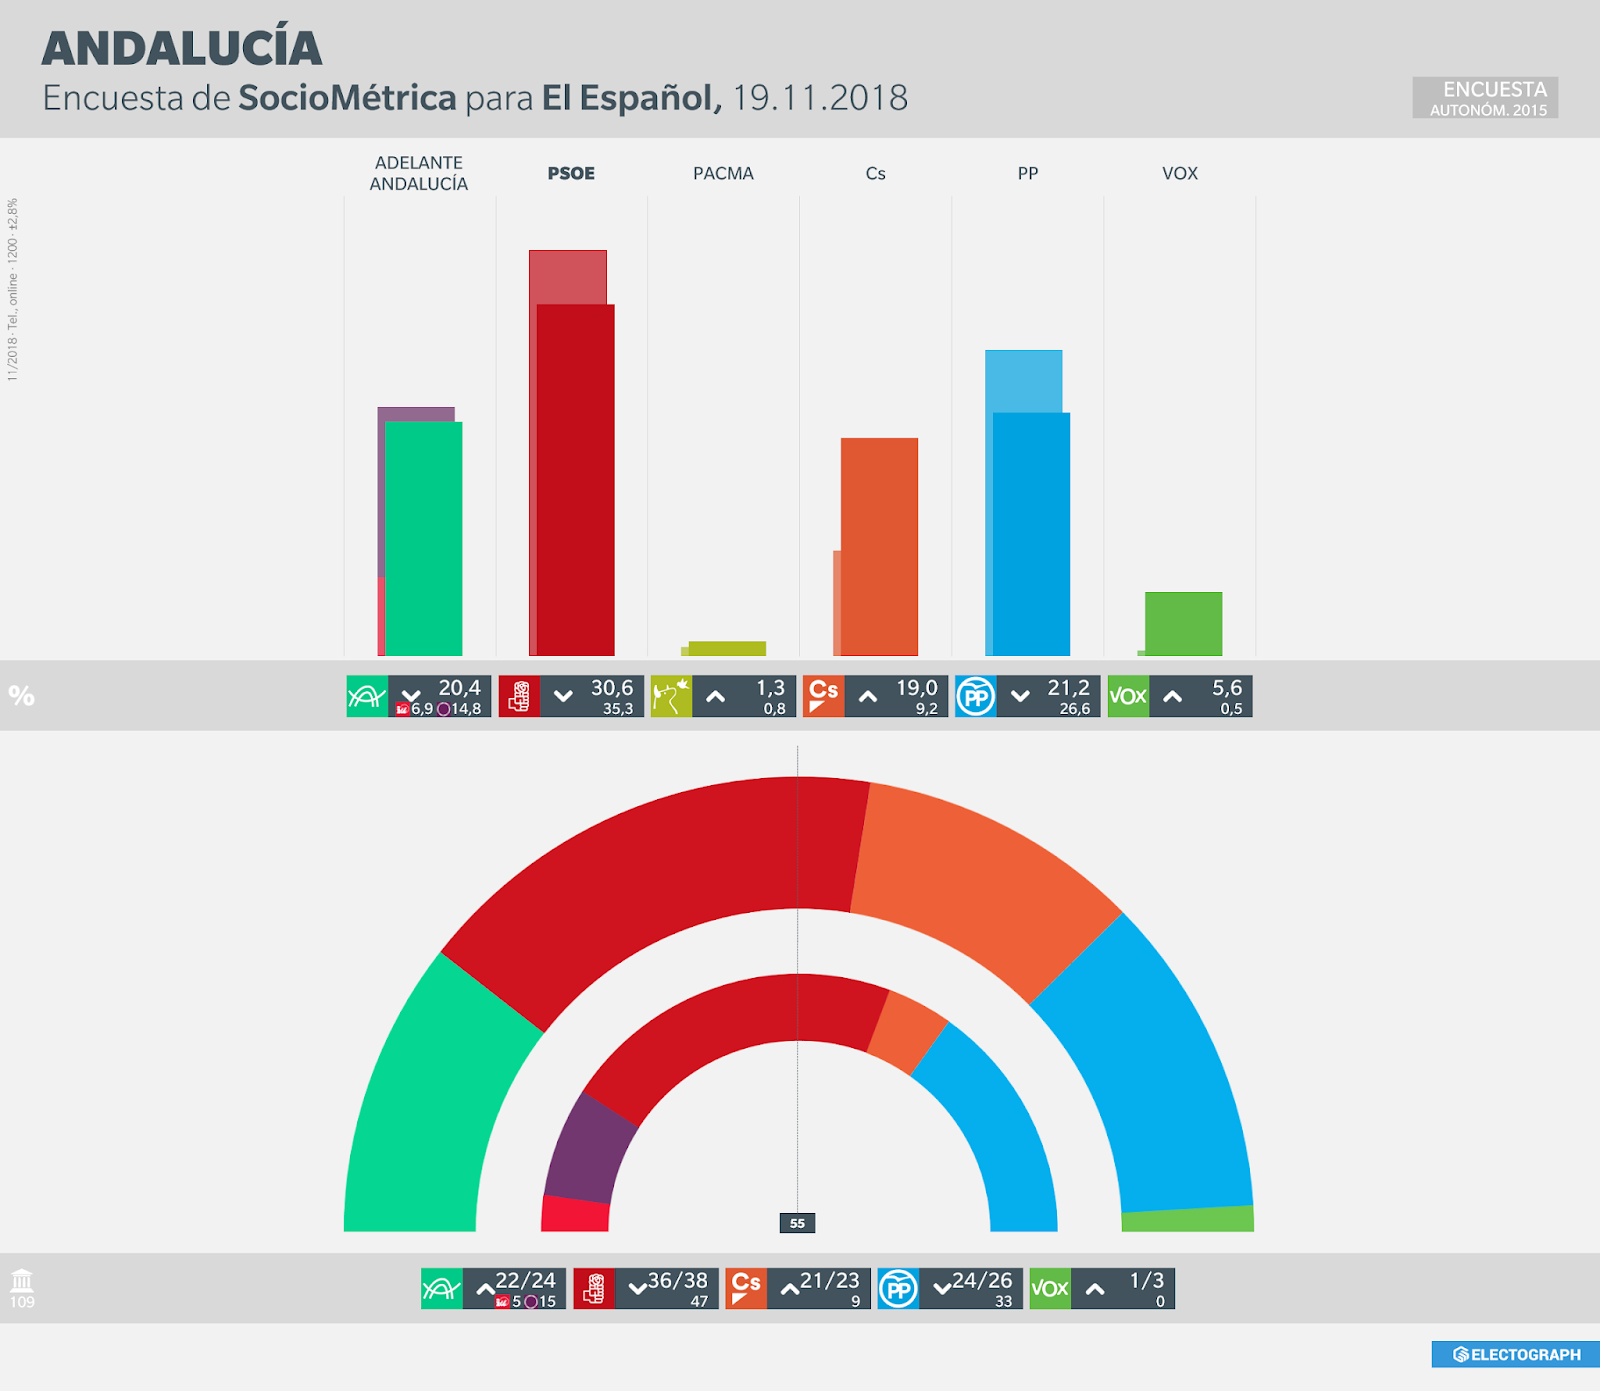 Gráfico de la encuesta para elecciones autonómicas en Andalucía realizada por SocioMétrica para El Español en noviembre de 2018